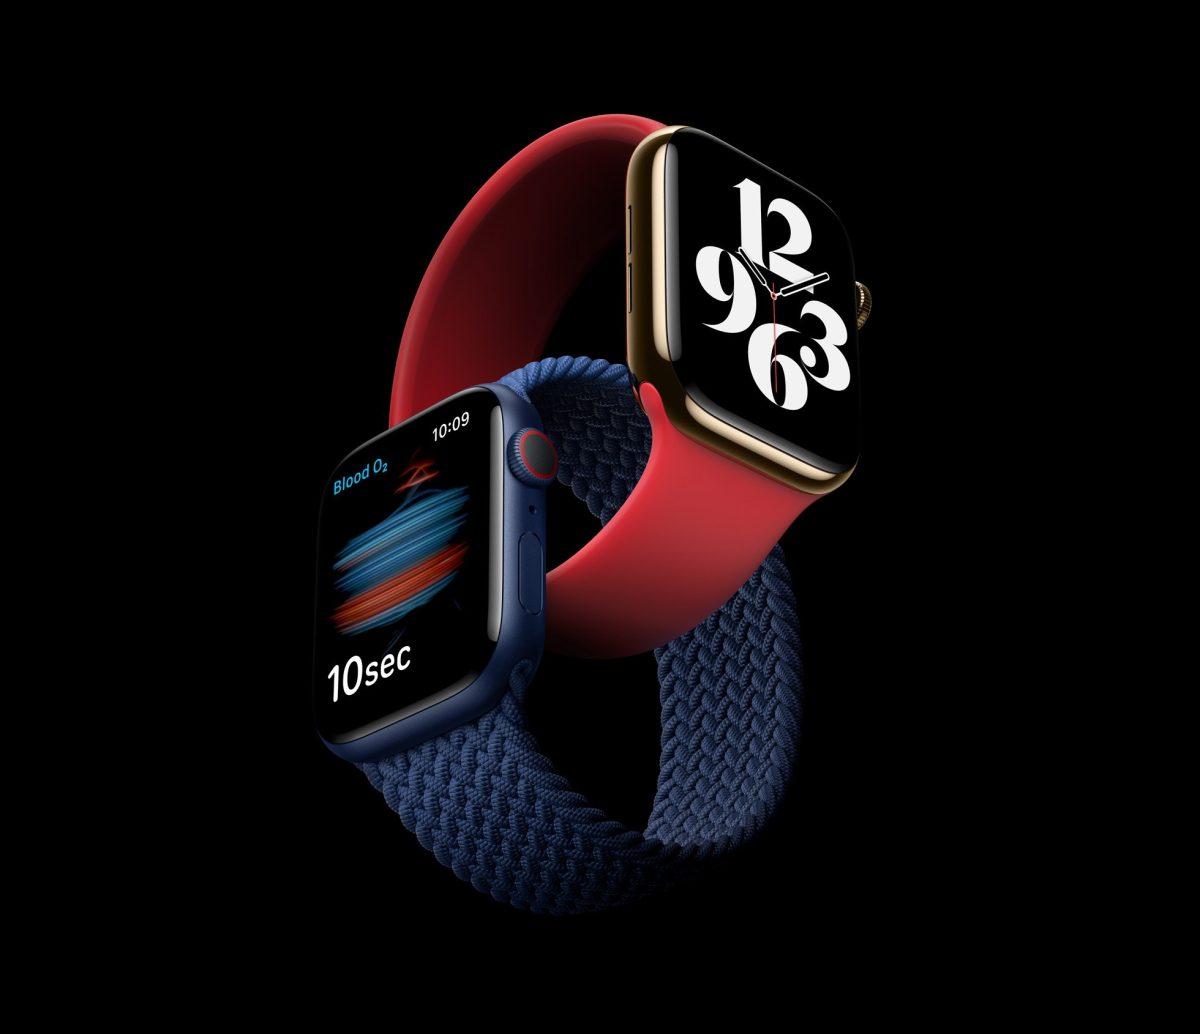 Apple Watch Series 6: El nuevo reloj que mide el nivel de oxígeno en sangre y potencia la actividad física